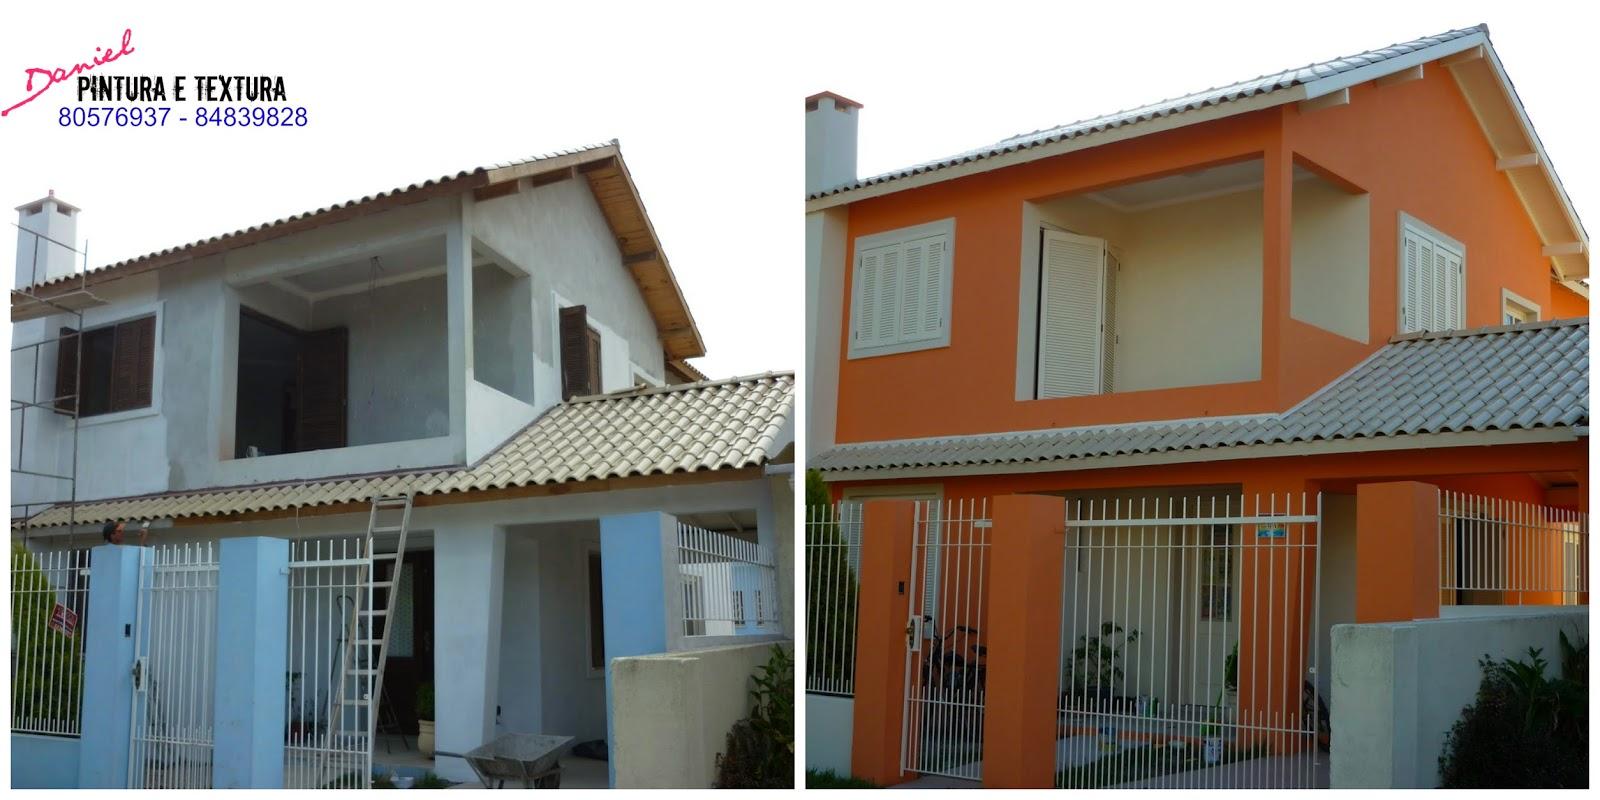 Texturas pinturas grafiato restaura o de fachada - Pintura para fachadas de casas ...